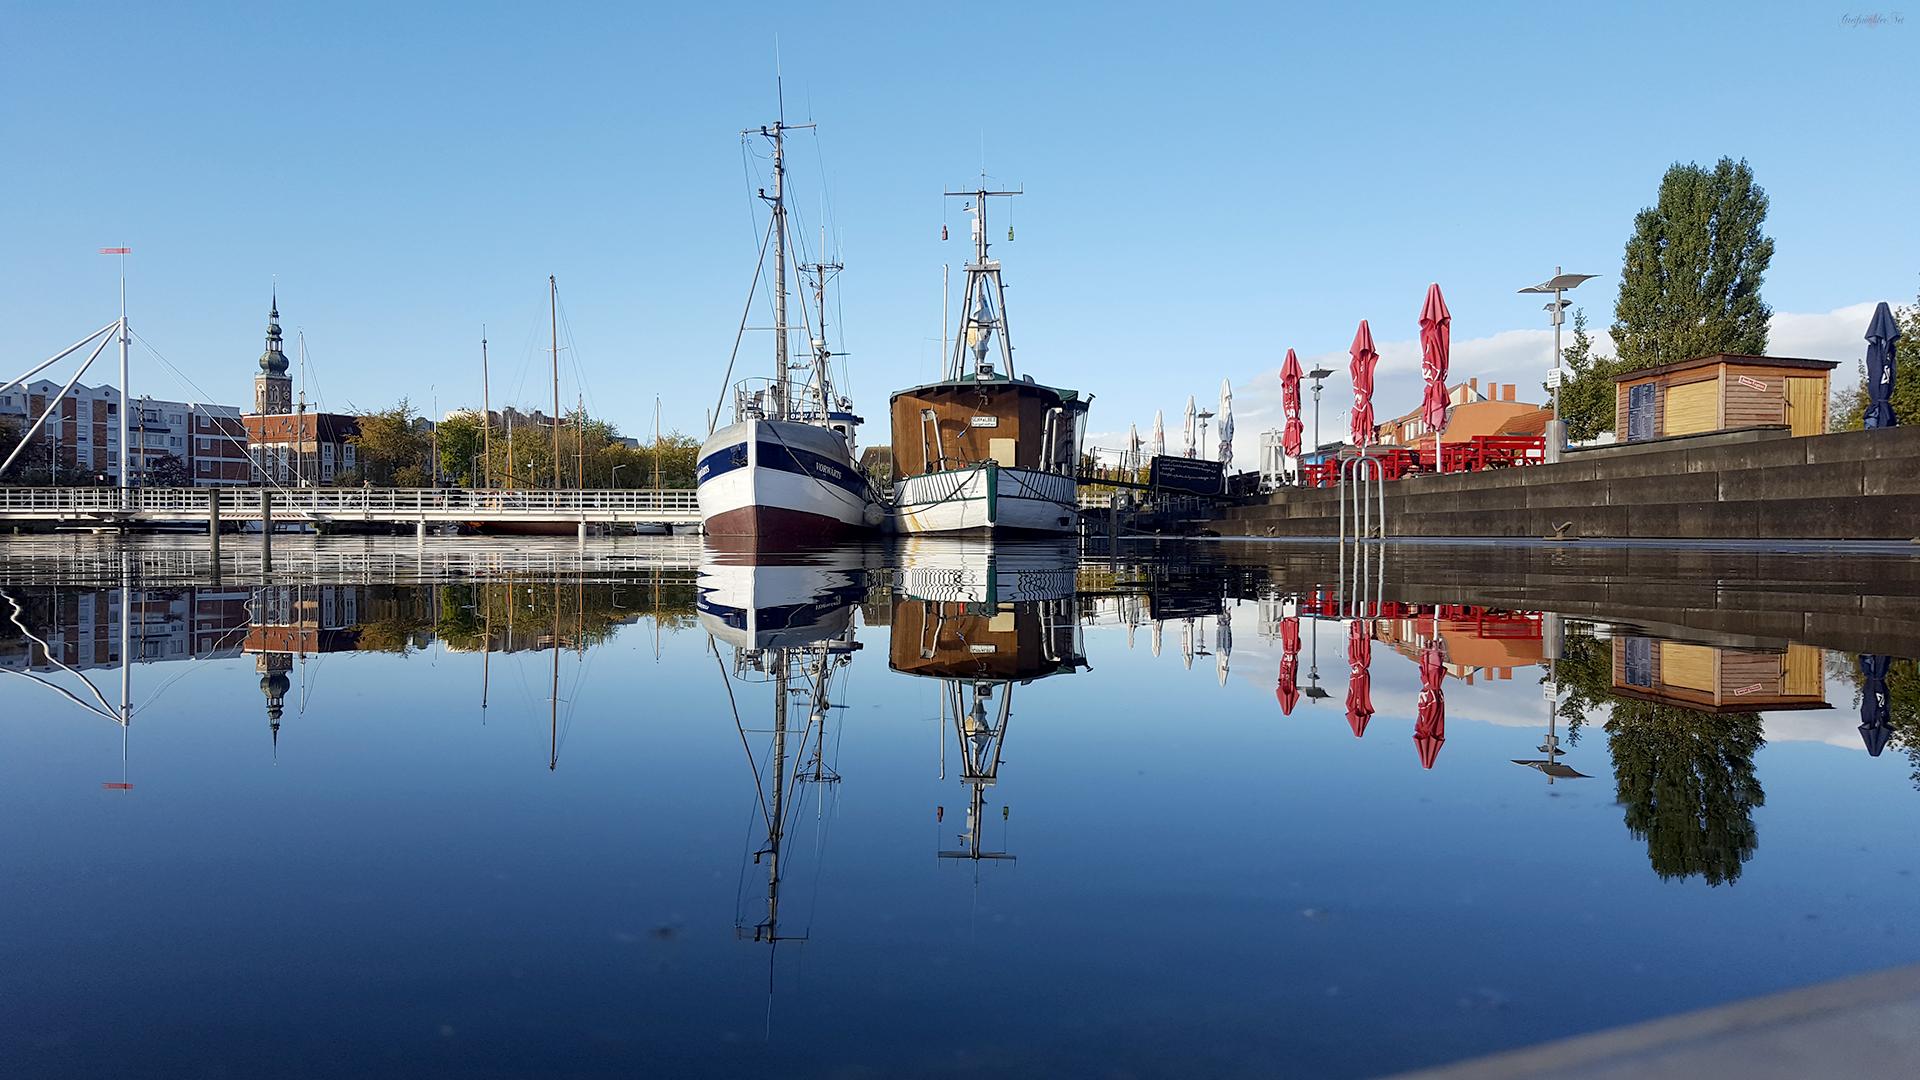 Spiegelung am Museumshafen Greifswald